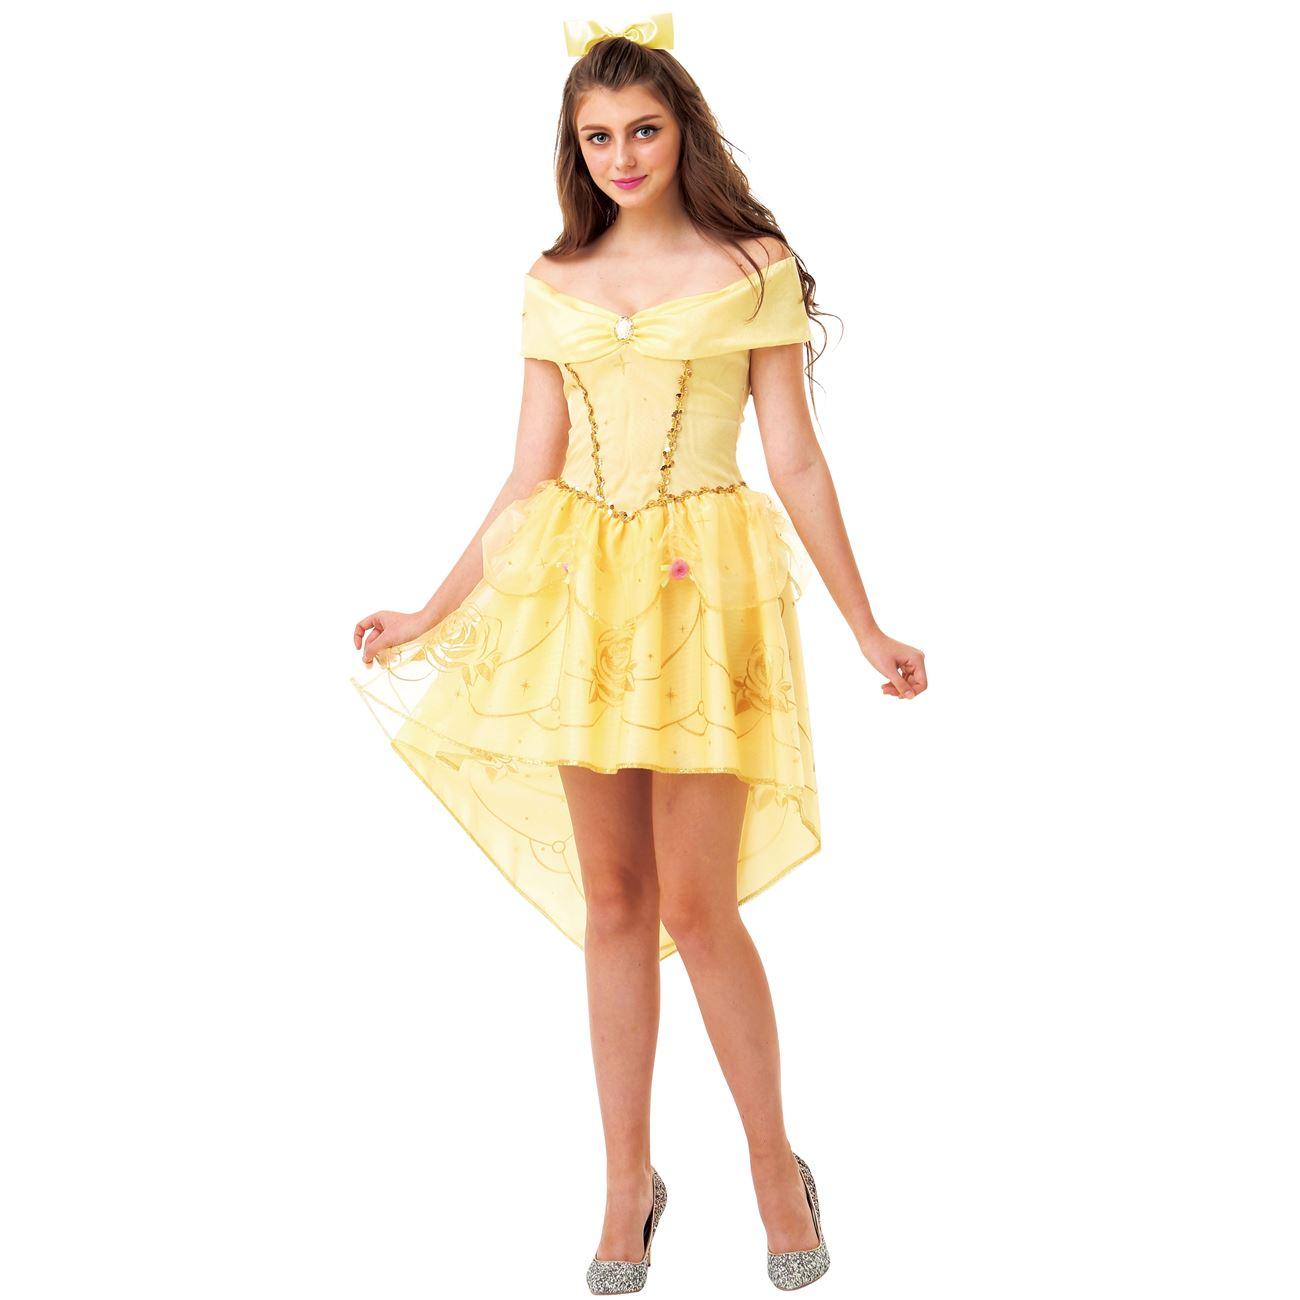 Αποκριάτικη Στολή Πριγκίπισσα BELLA - One Size   Στολές Γυναικείες ... 905bc33f5e6